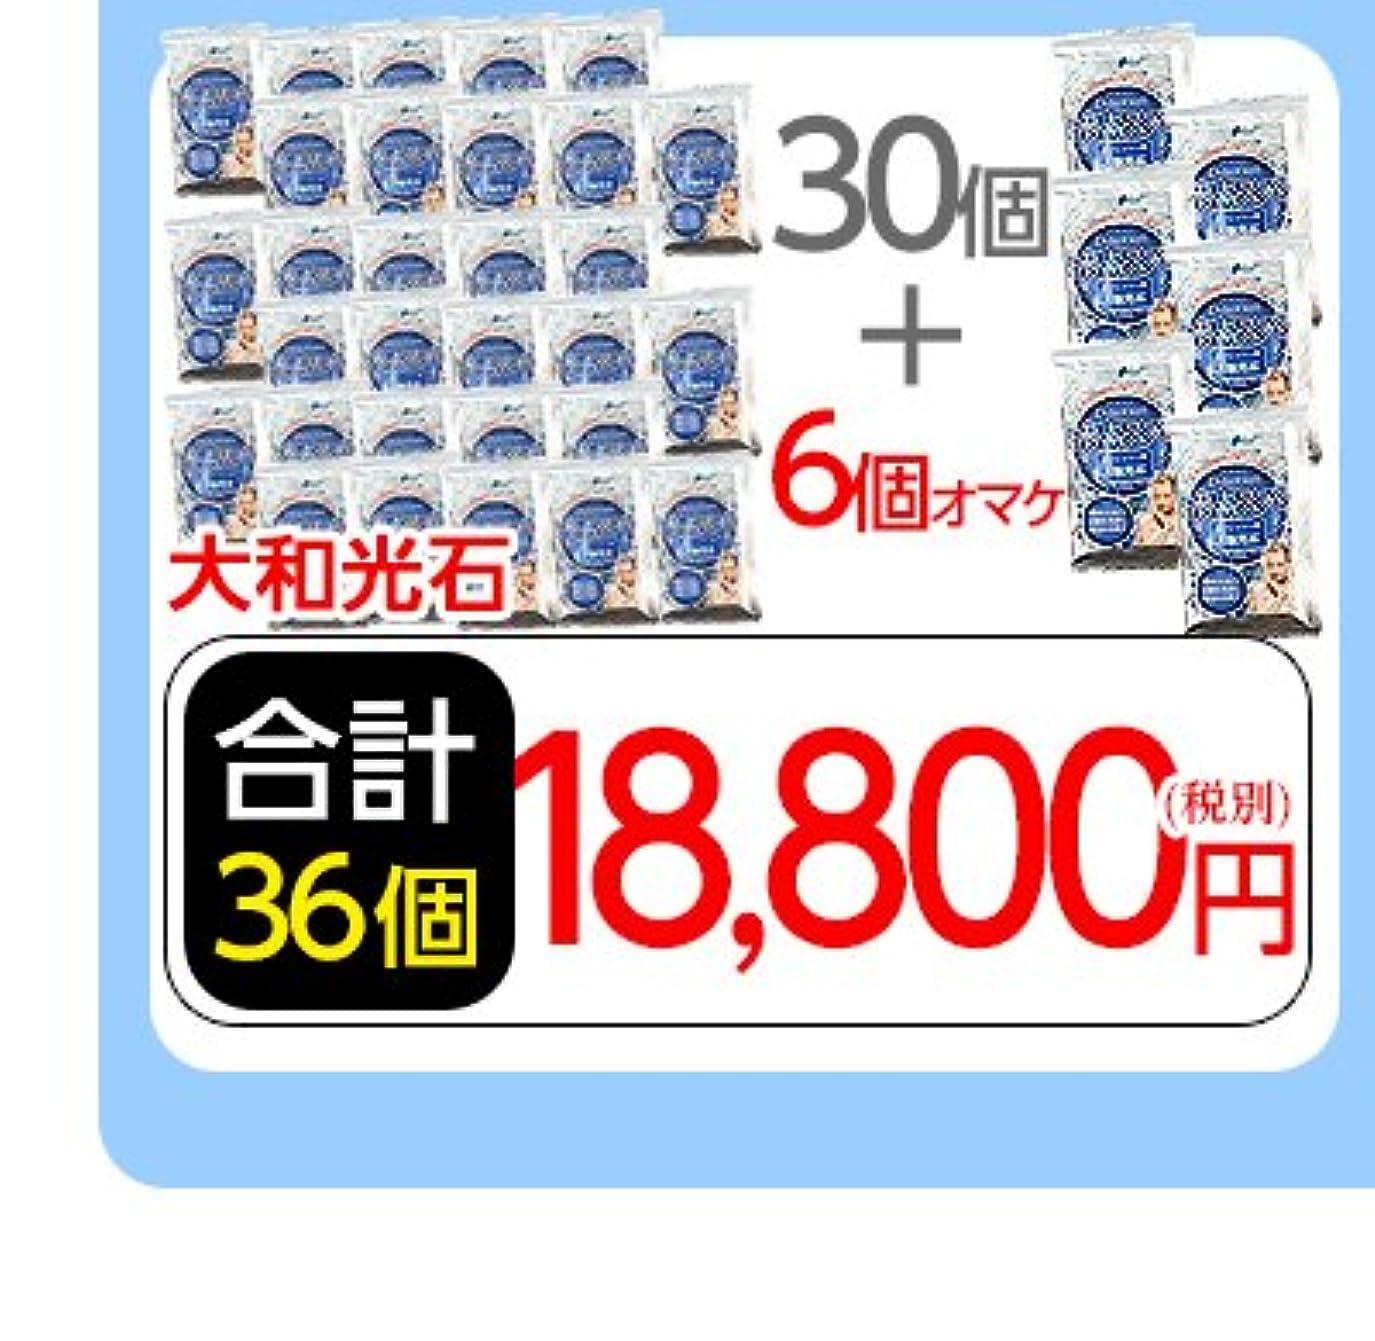 怖がって死ぬライセンス割り当てますデトキシャン水素スパ☆大和光石30個+6個オマケ